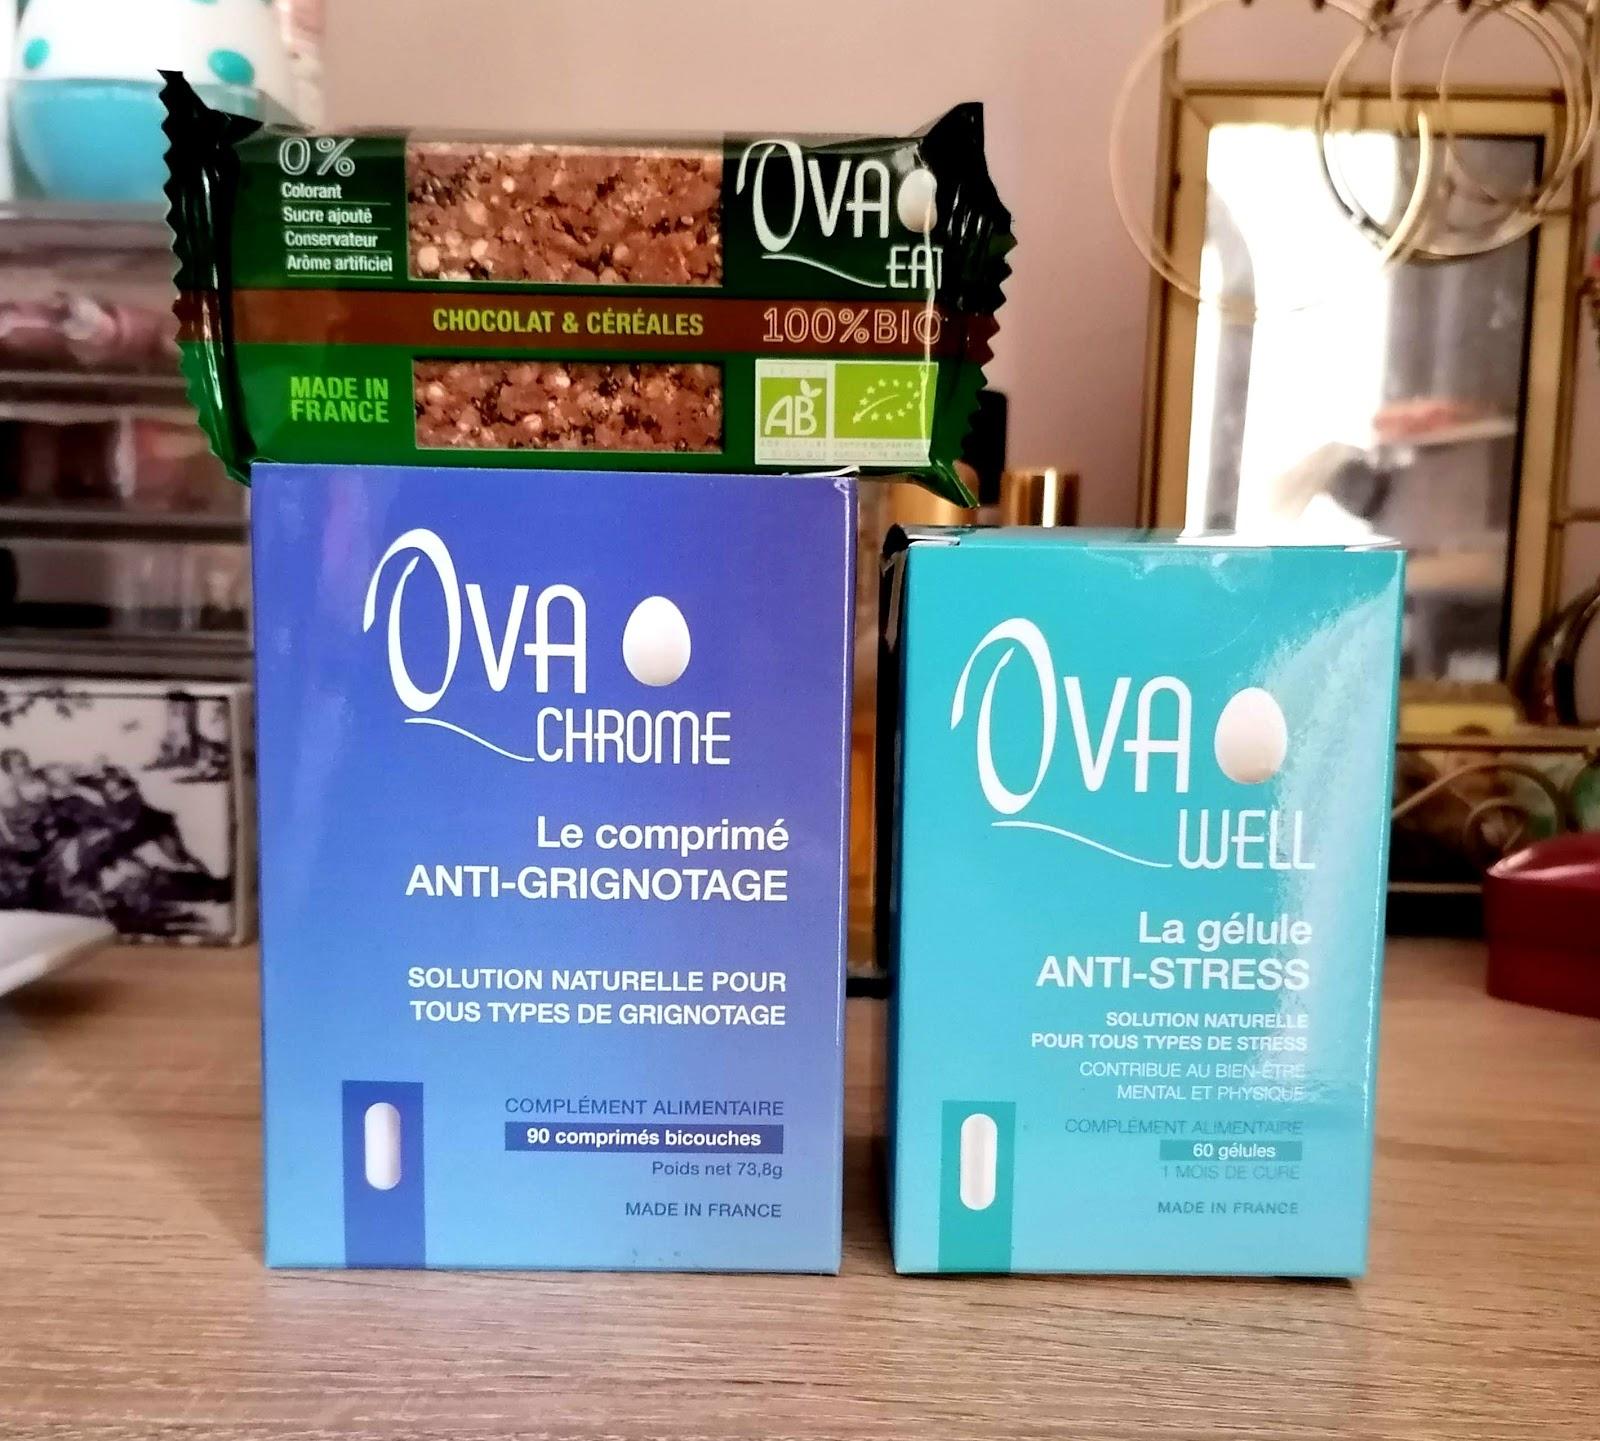 OVAWELL / OVACHROME / OVAEAT : la santé et le bien-être par la nutrition avec Nutreven